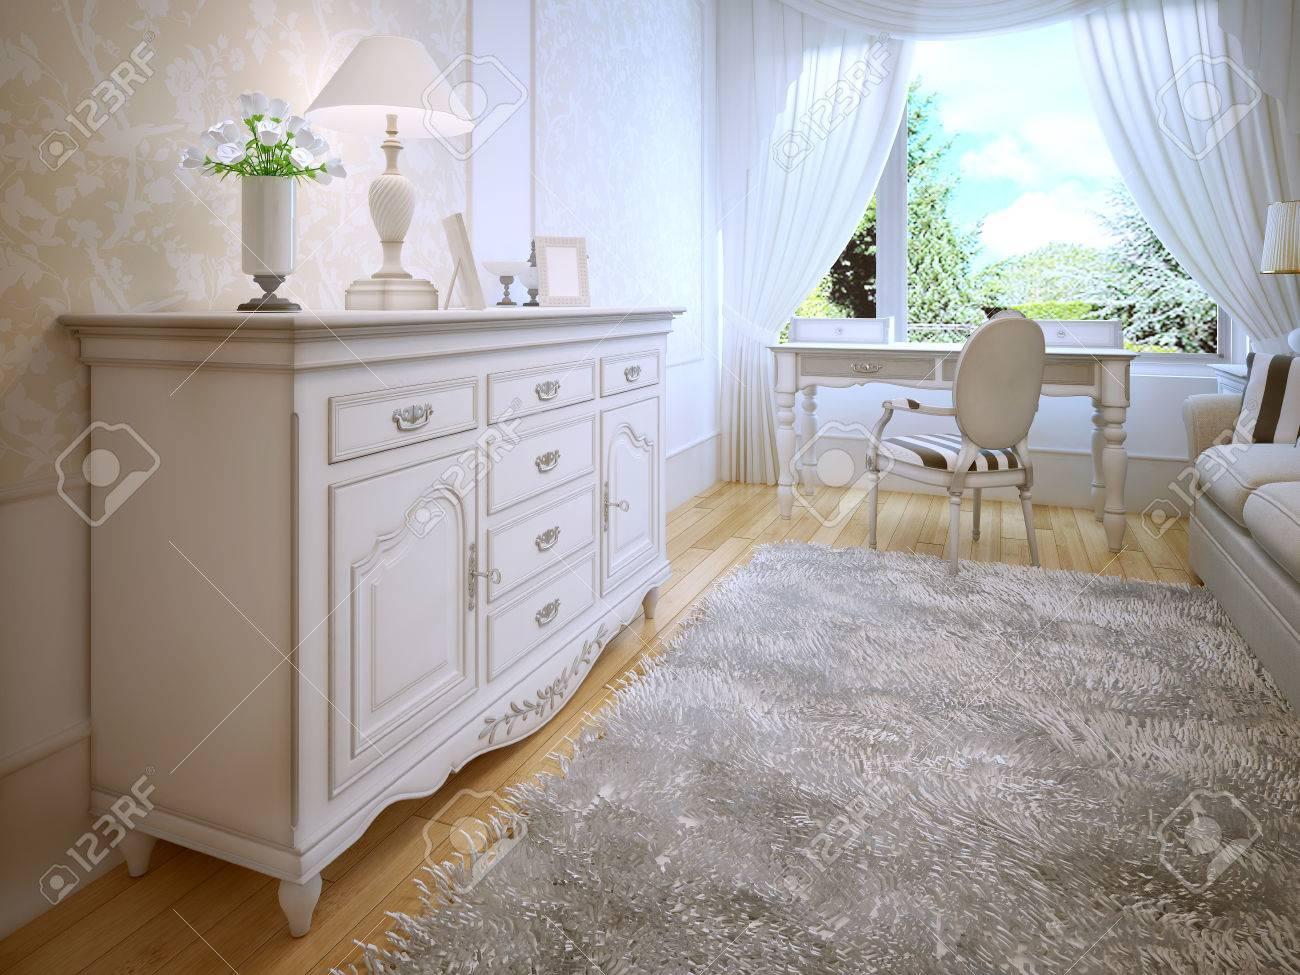 Camera Da Letto Grigio Chiaro : Comò bianco in camera da letto classica pavimenti in parquet in